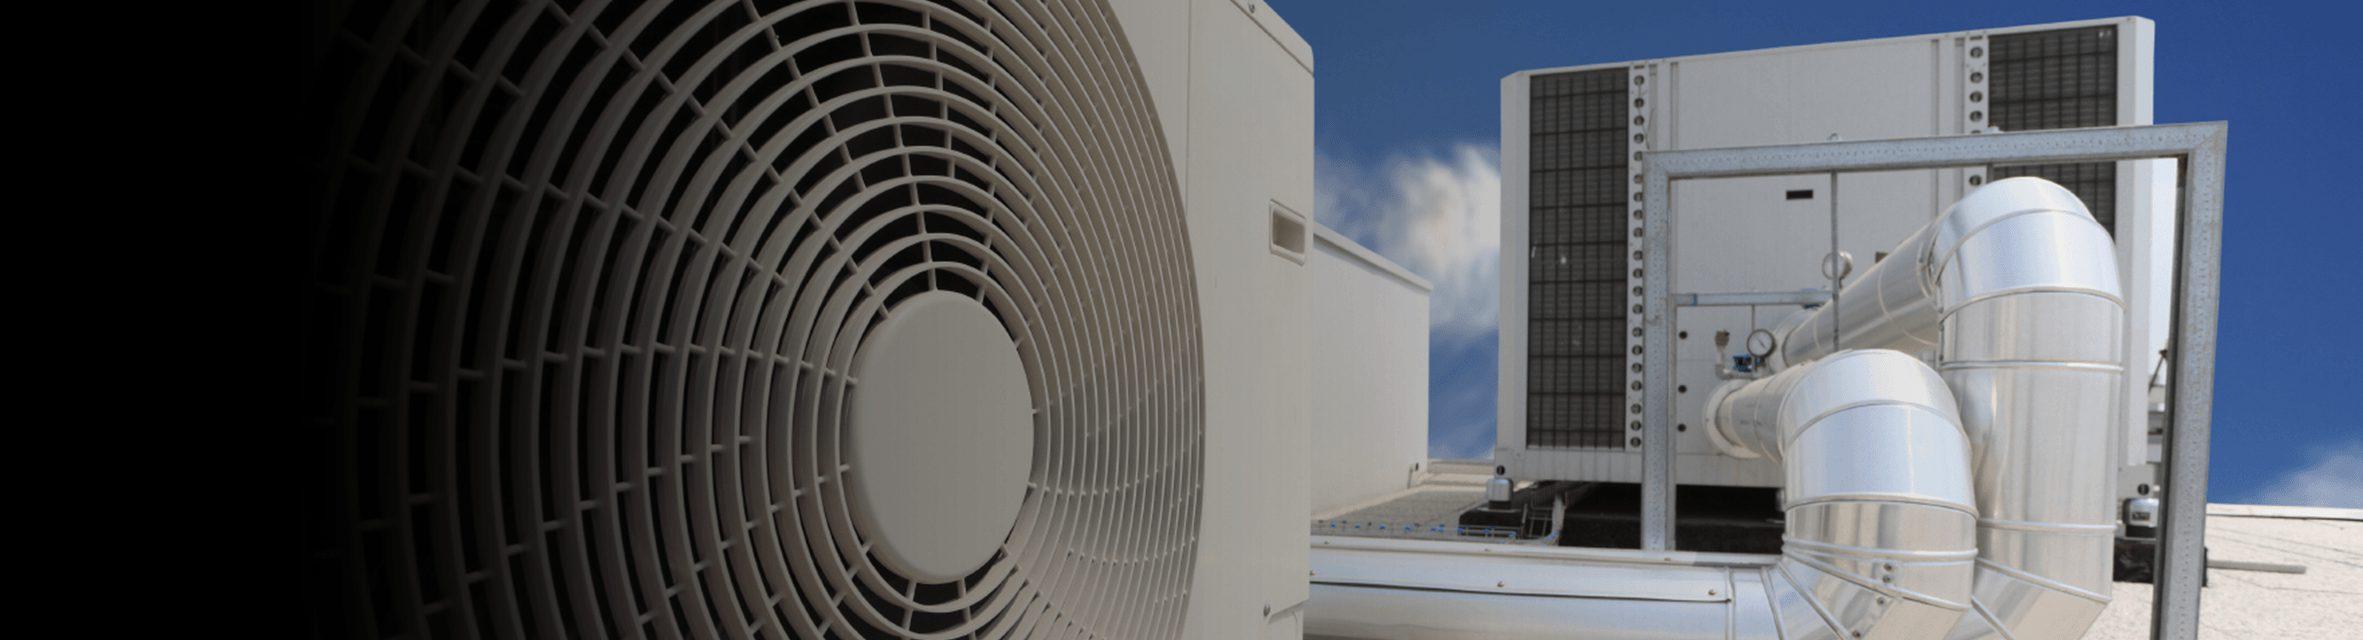 HVAC/R Testing